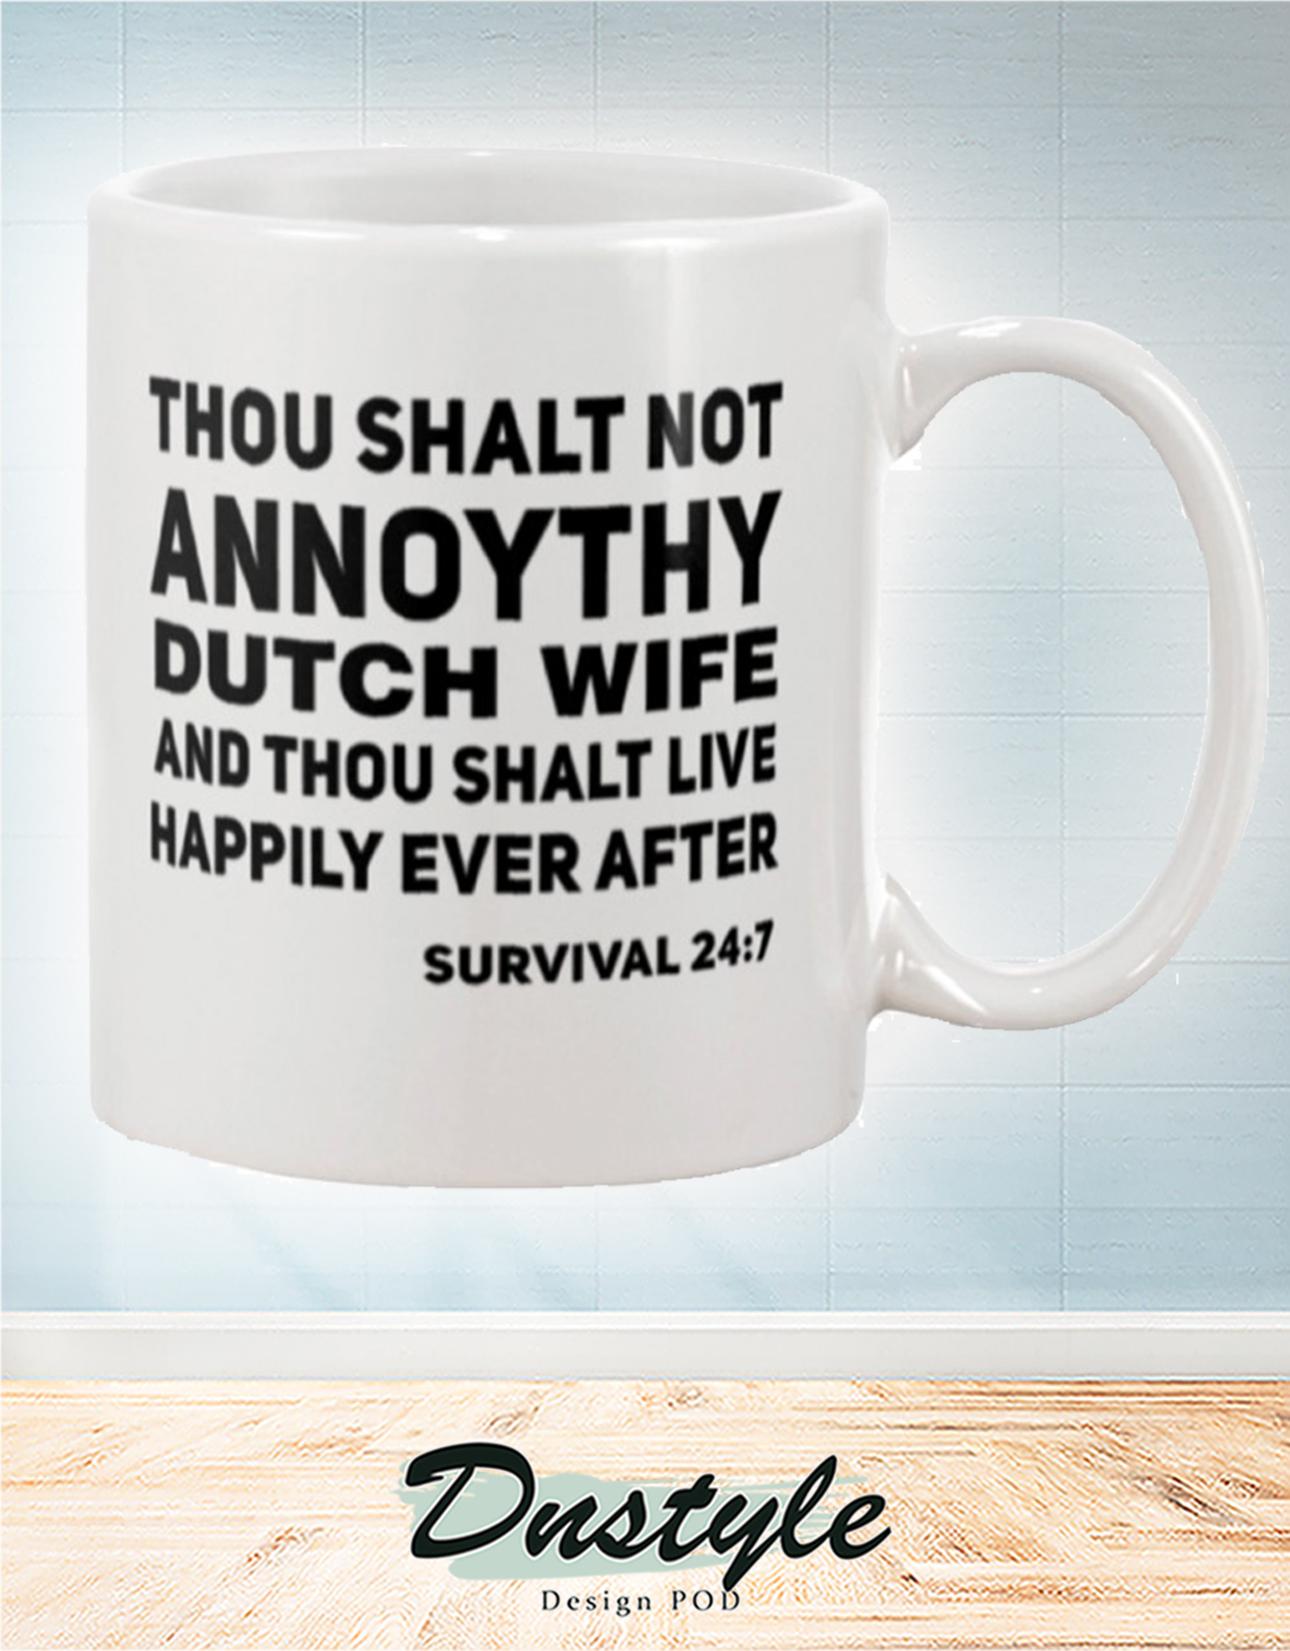 Thou shalt not annoythy dutch wife mug 2